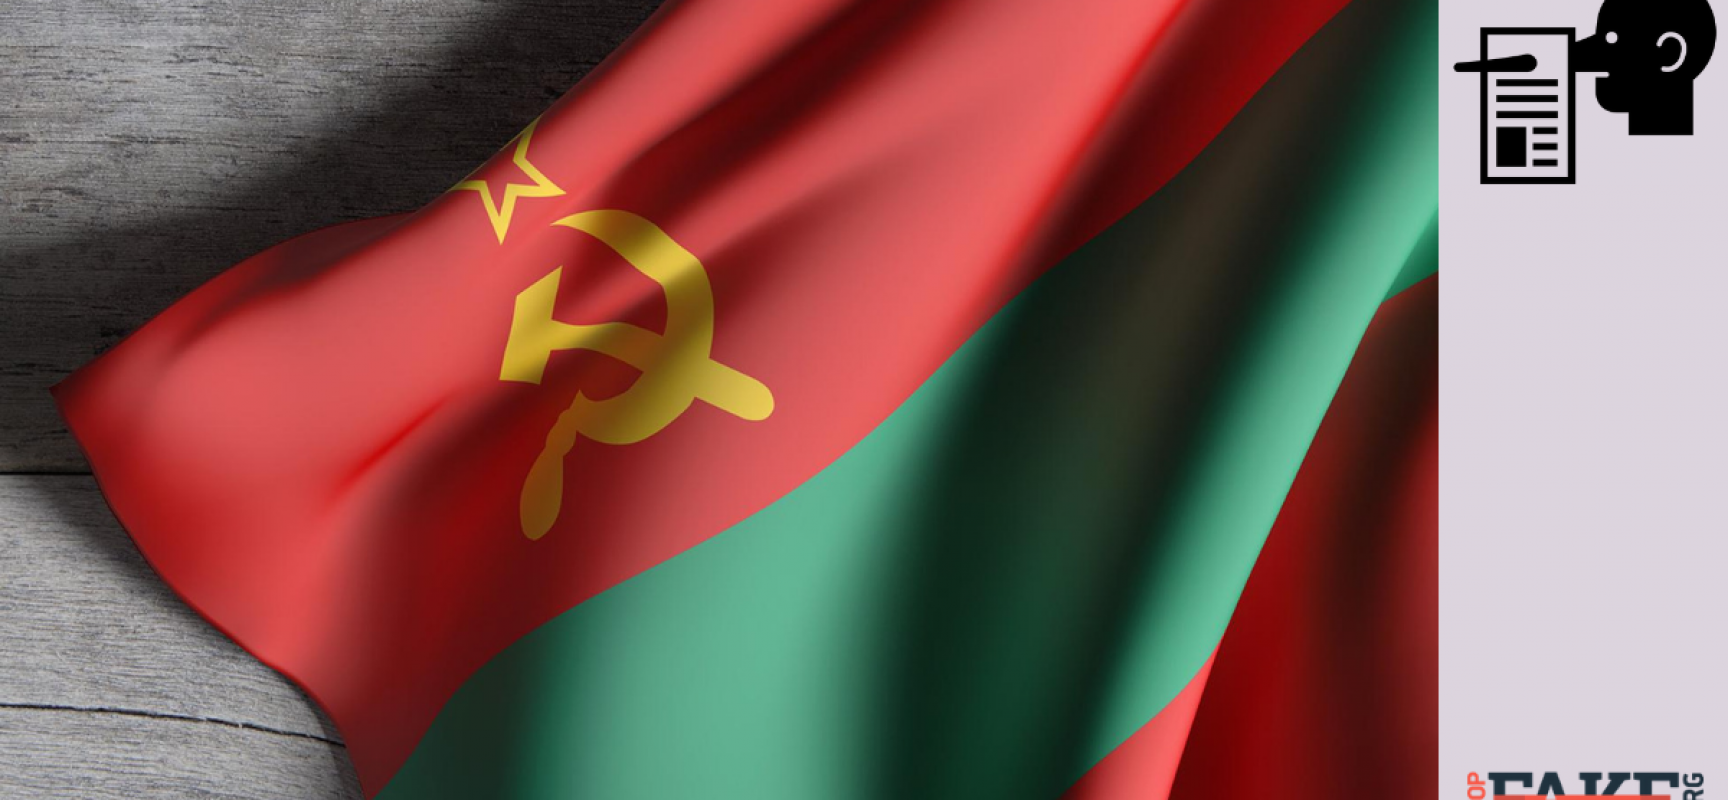 Fake: Moldova Renounces Transnistria for NATO